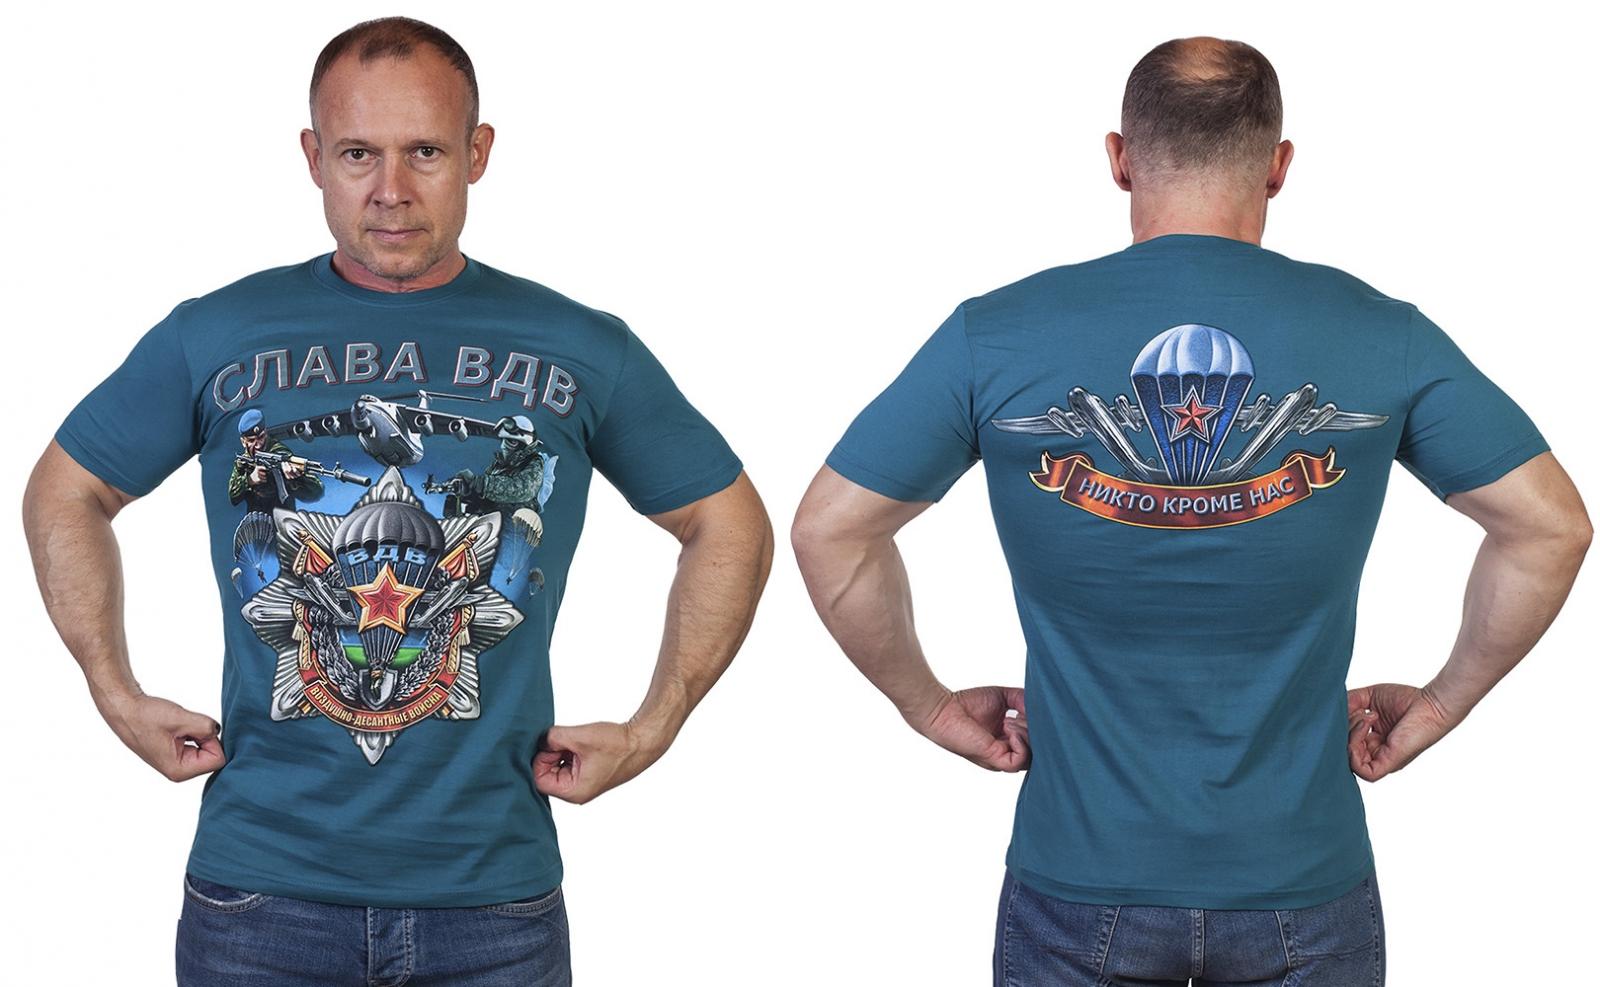 Мужская футболка Слава ВДВ! - купить в Военпро